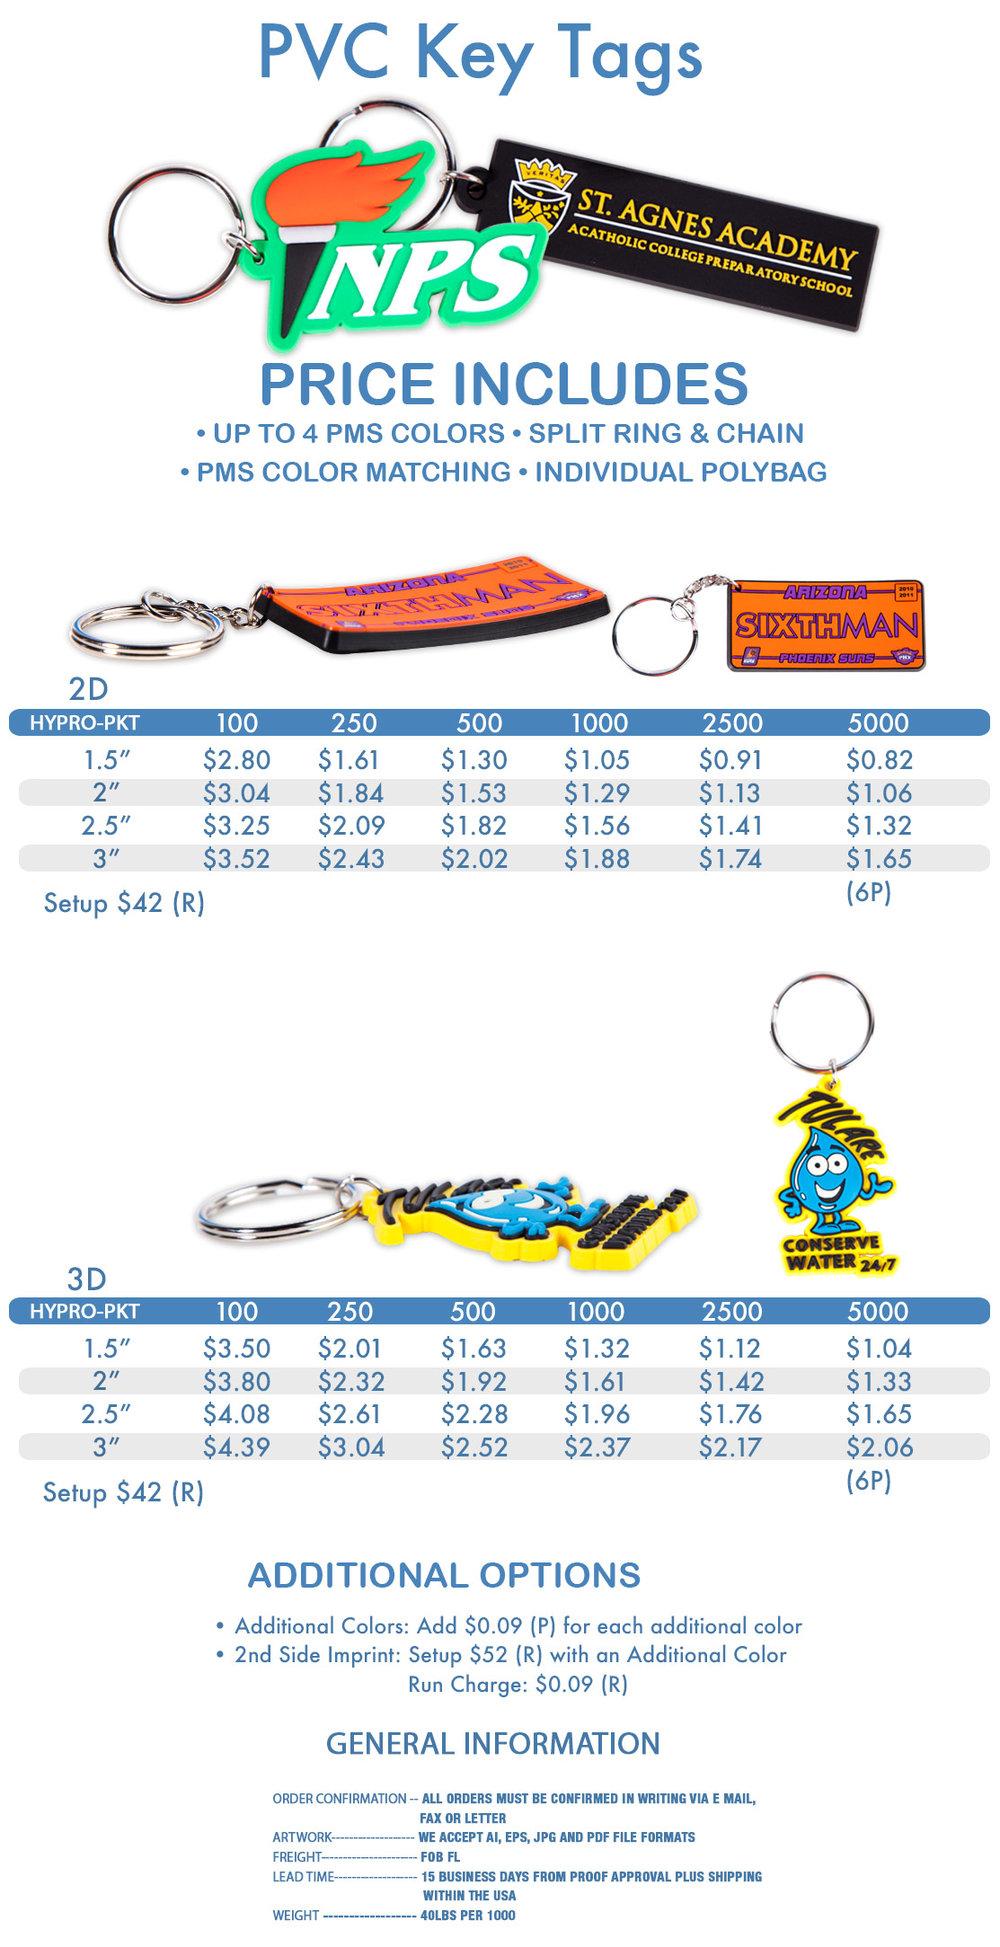 PVC-key-tags.jpg